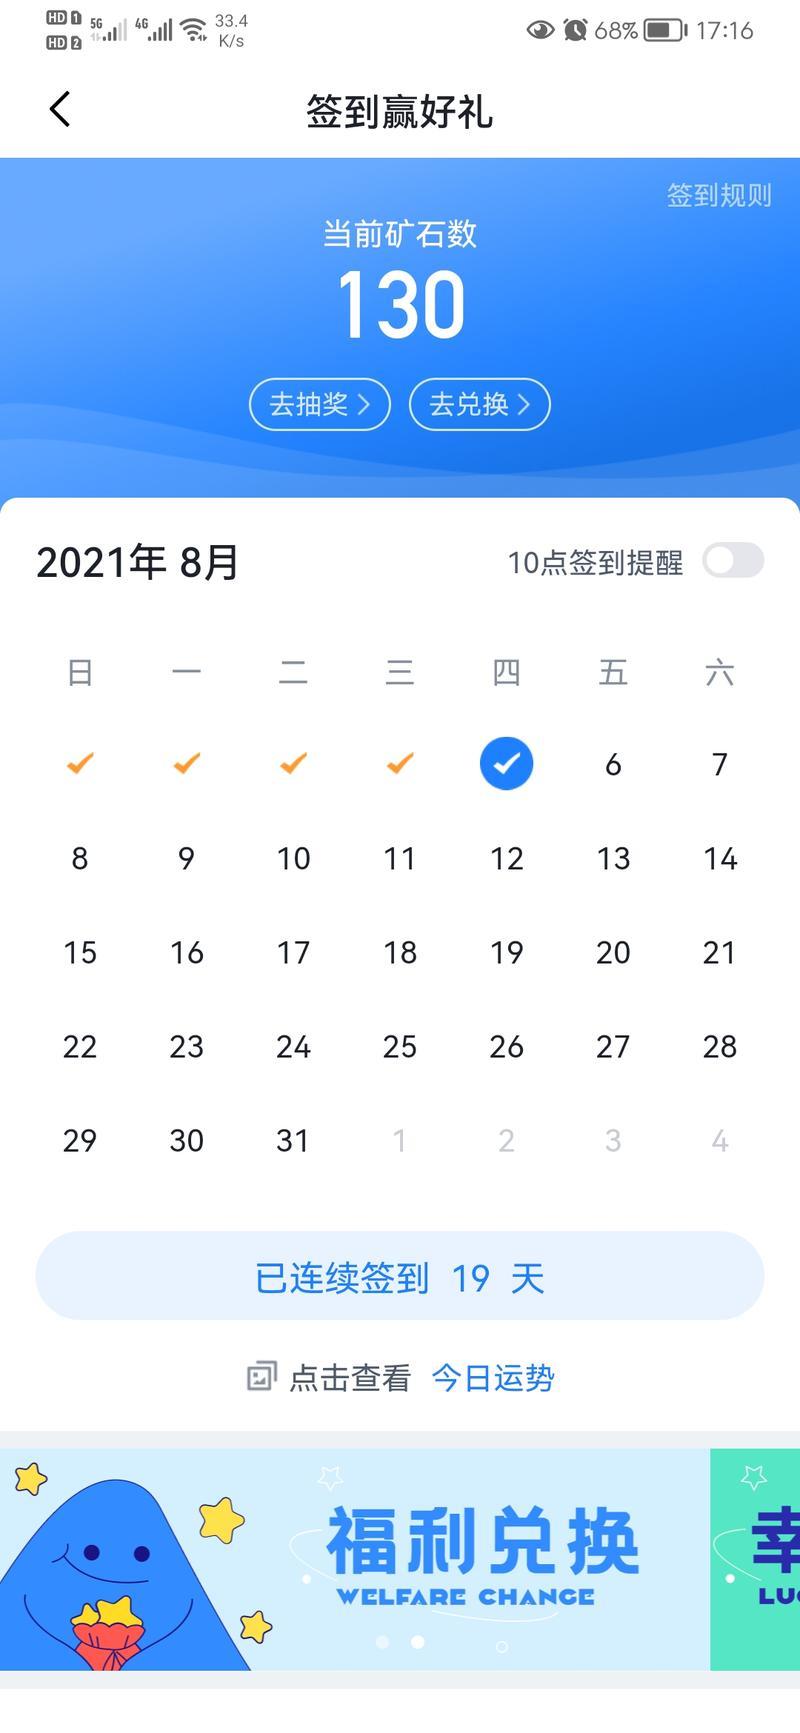 Thezero于2021-08-05 17:17发布的图片